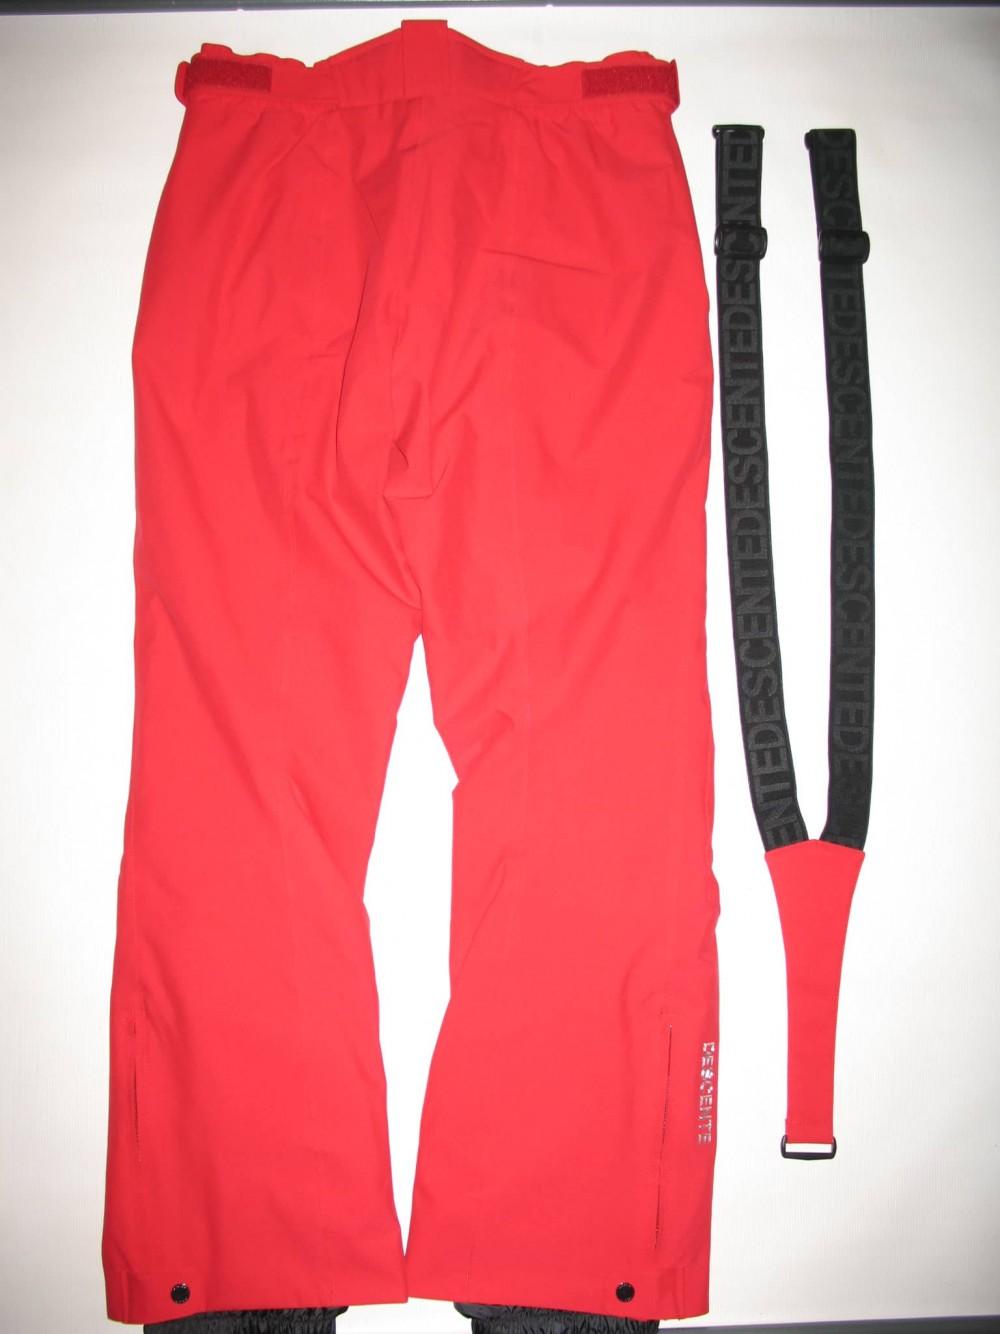 Штаны DESCENTE   Peak Mens Ski Pants  (размер 52/XL) - 2